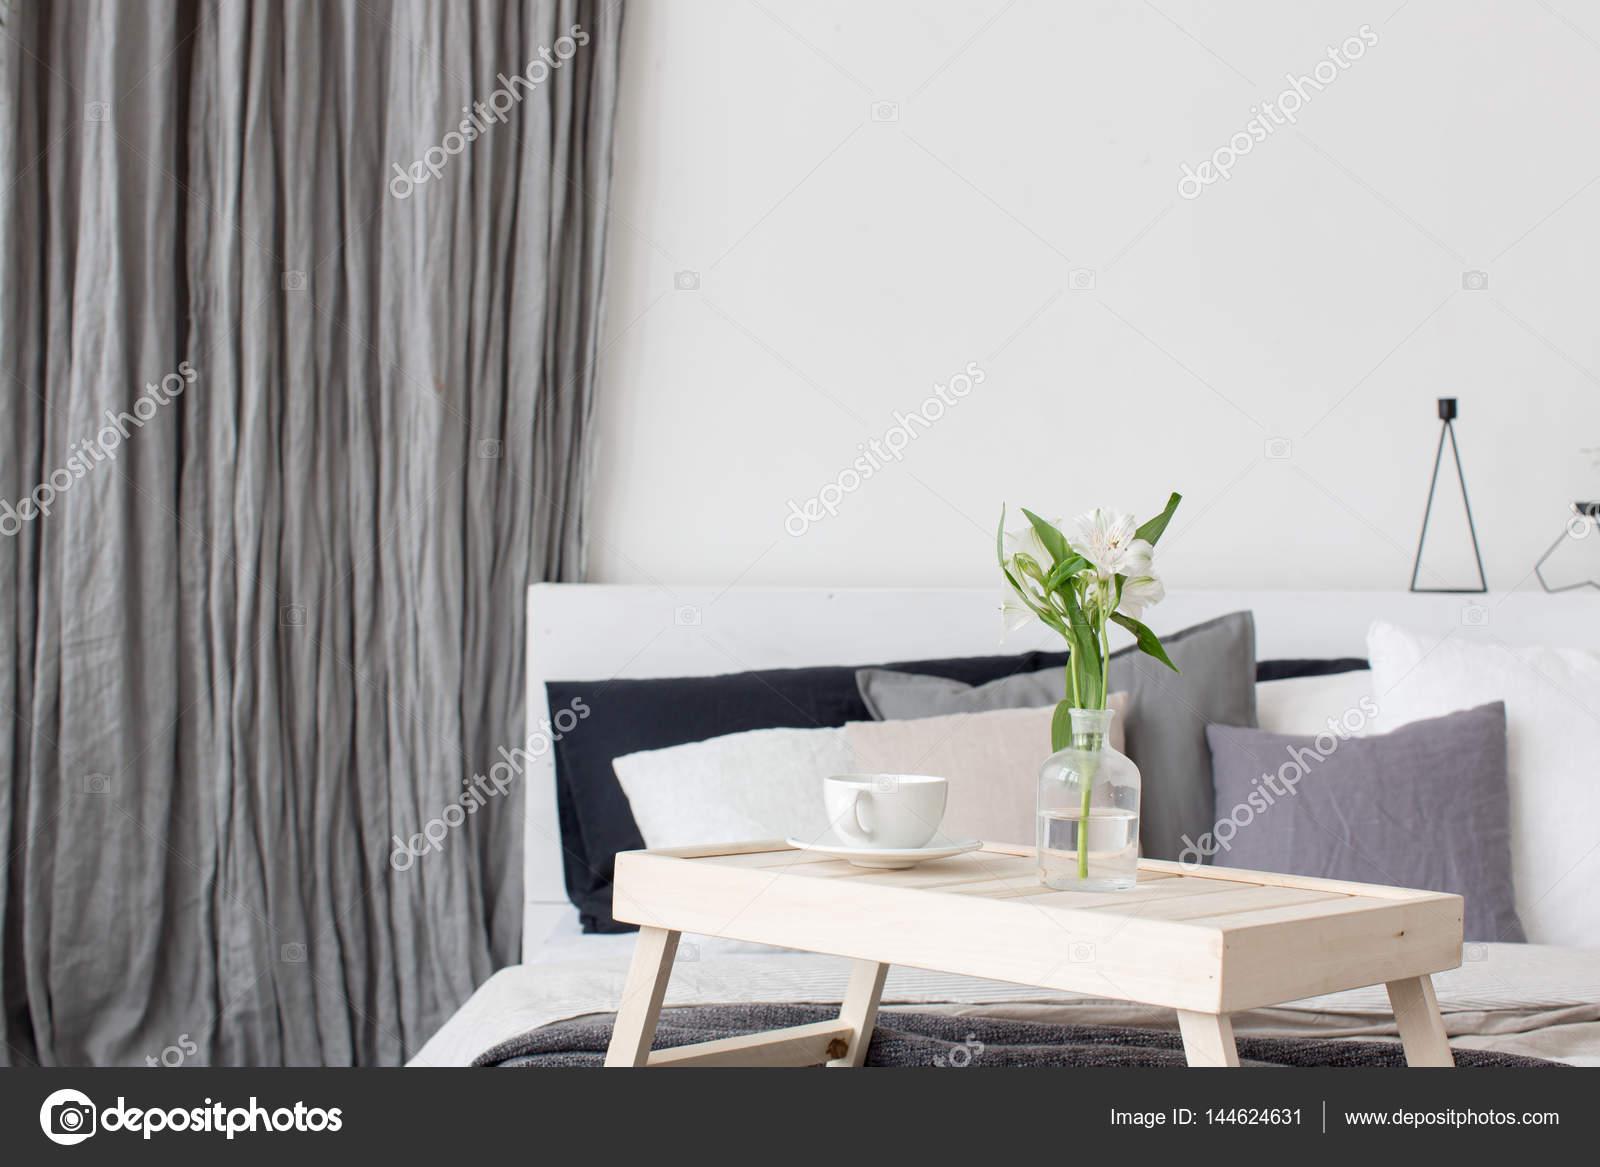 schlafzimmer innenraum mit kleinem tisch auf bett — stockfoto